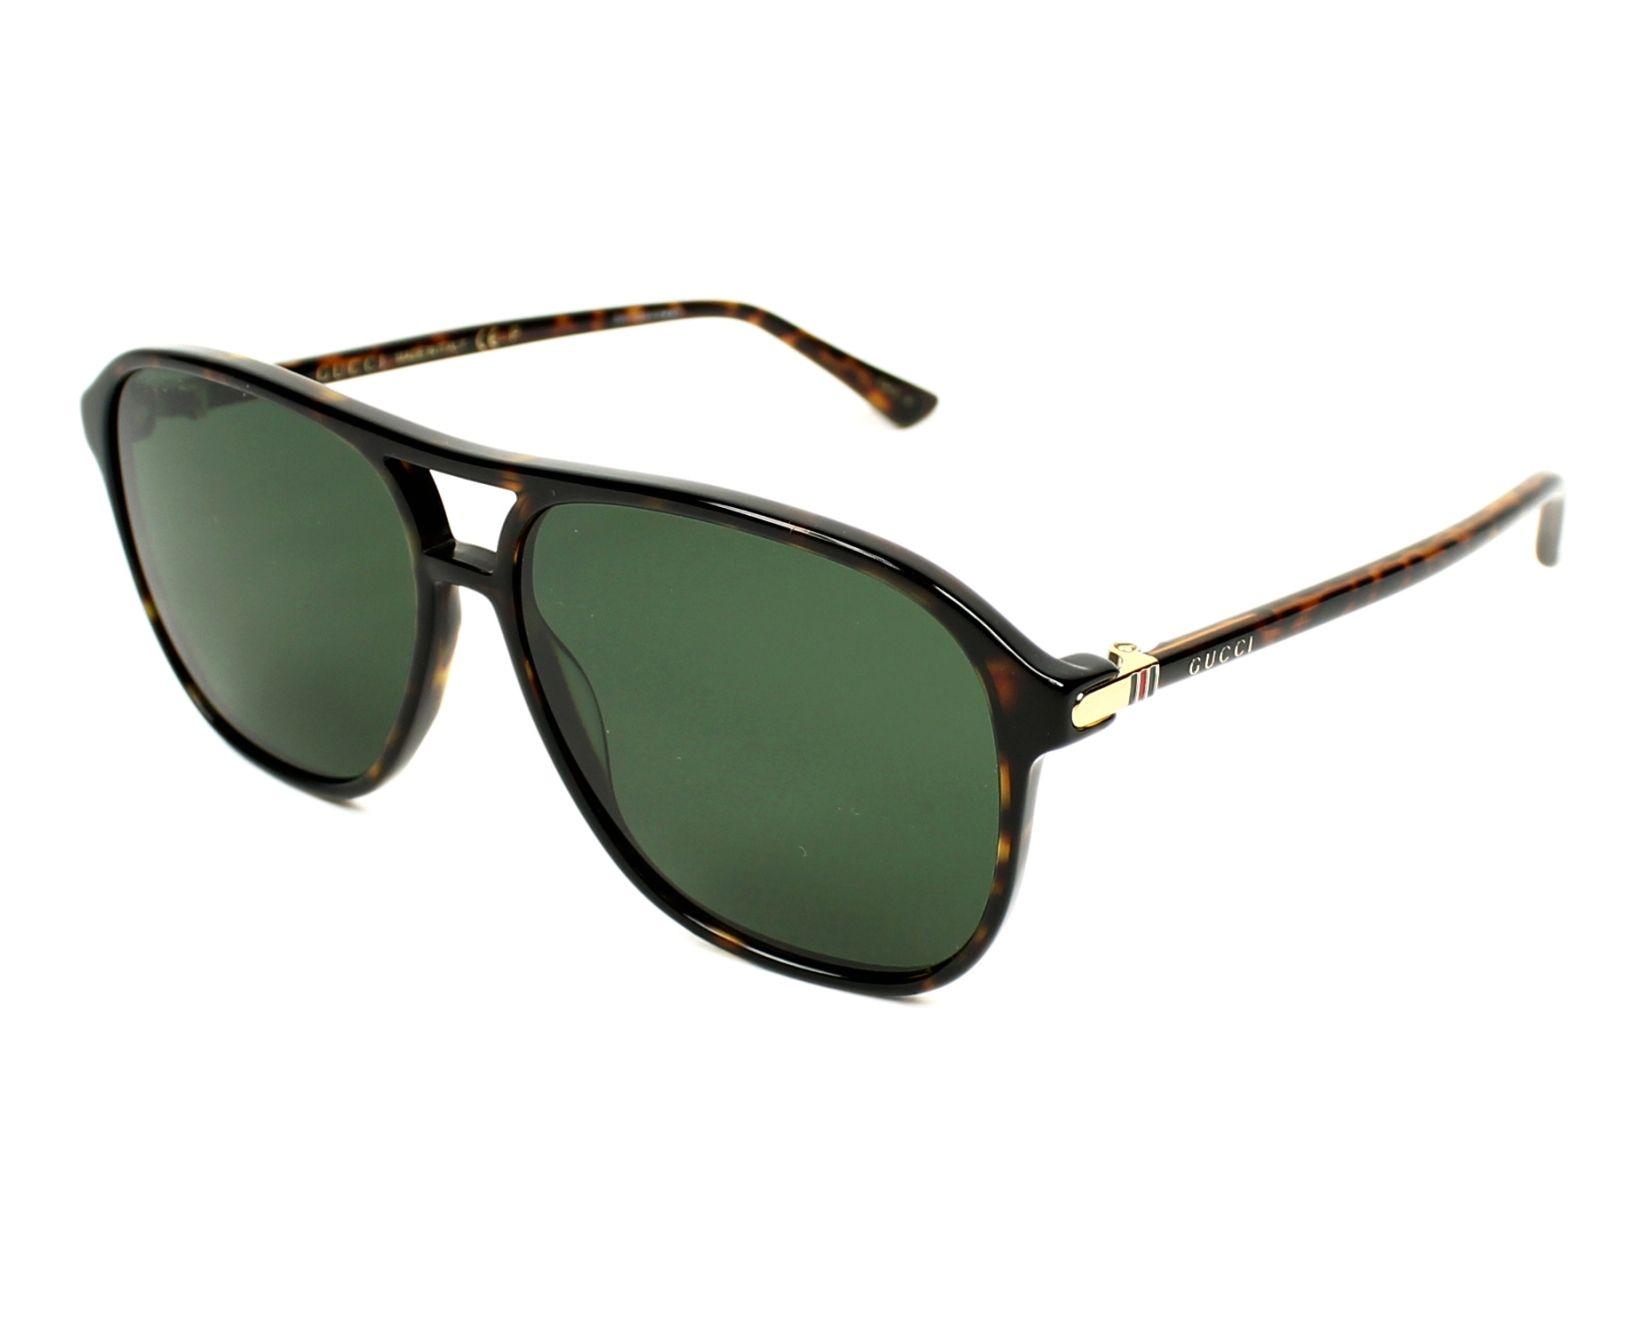 de901b2908c Sunglasses Gucci GG-0016-S 007 58-14 Havana profile view